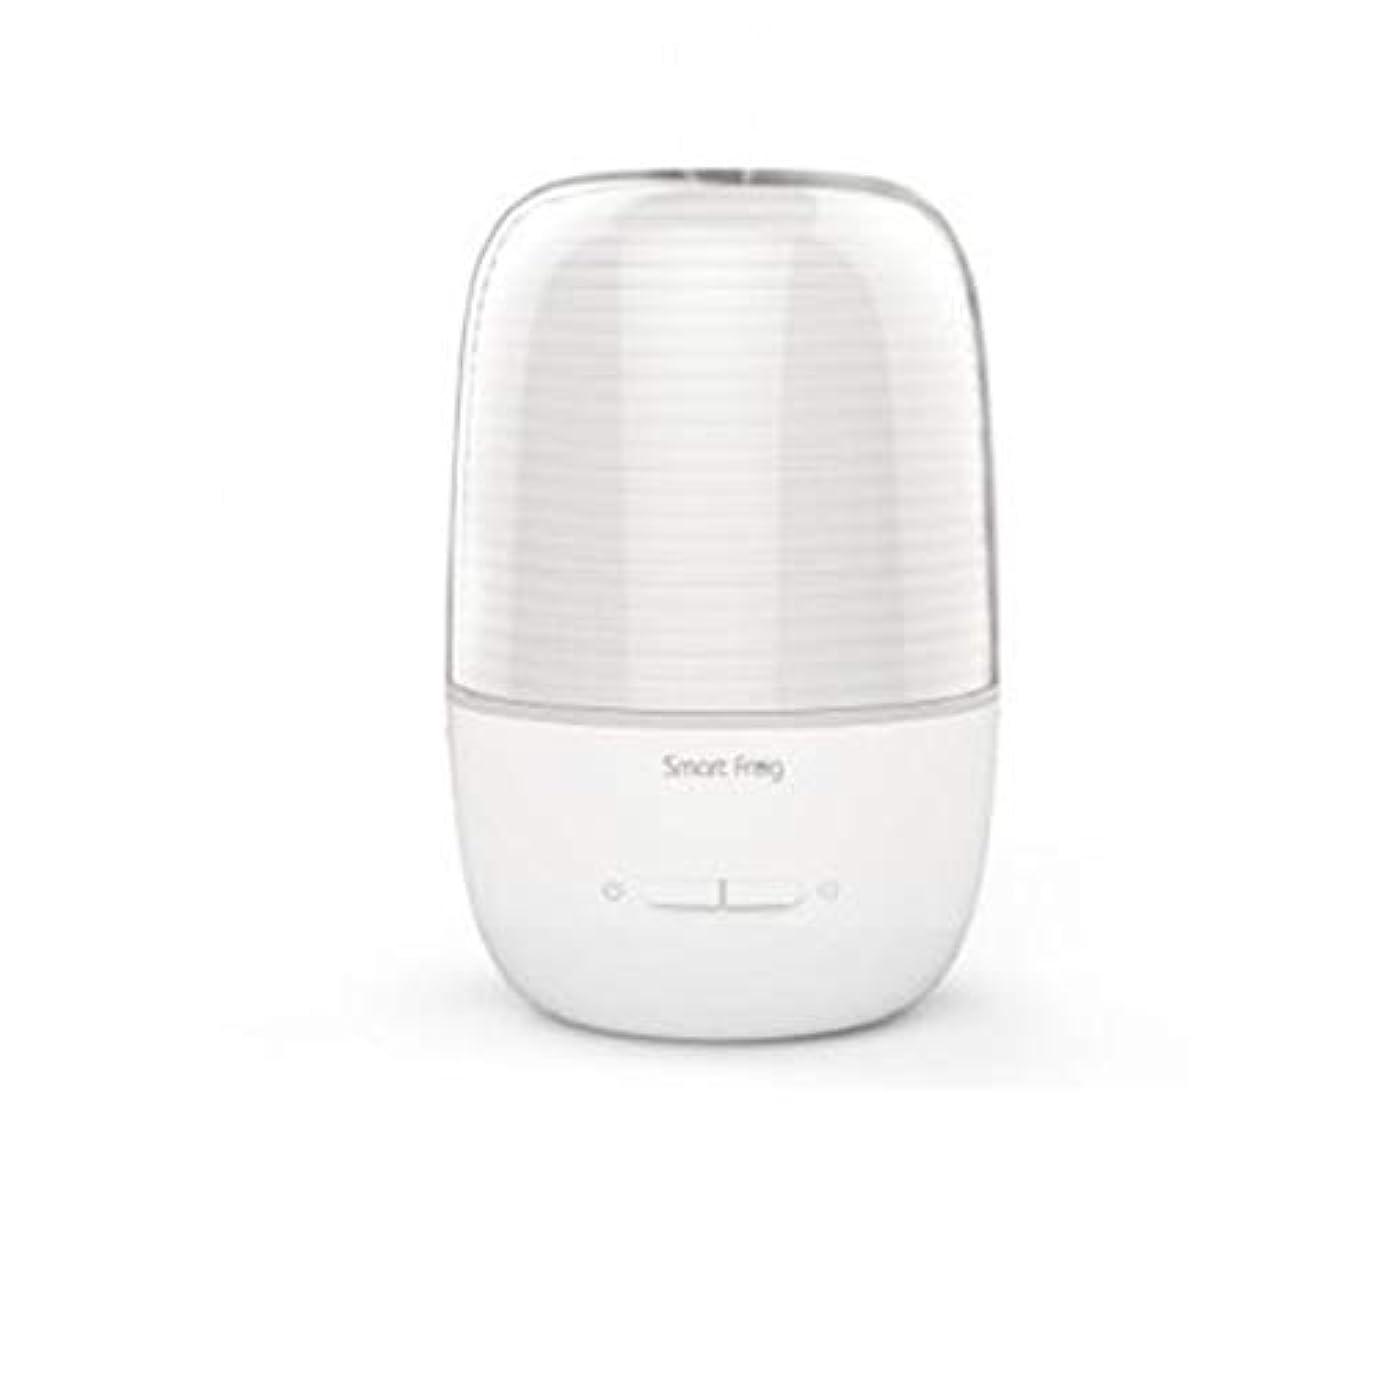 感謝価値のない本能130ml超音波冷たい霧の加湿器の変更家のヨガのオフィスの鉱泉の寝室の拡散器 (Color : White)